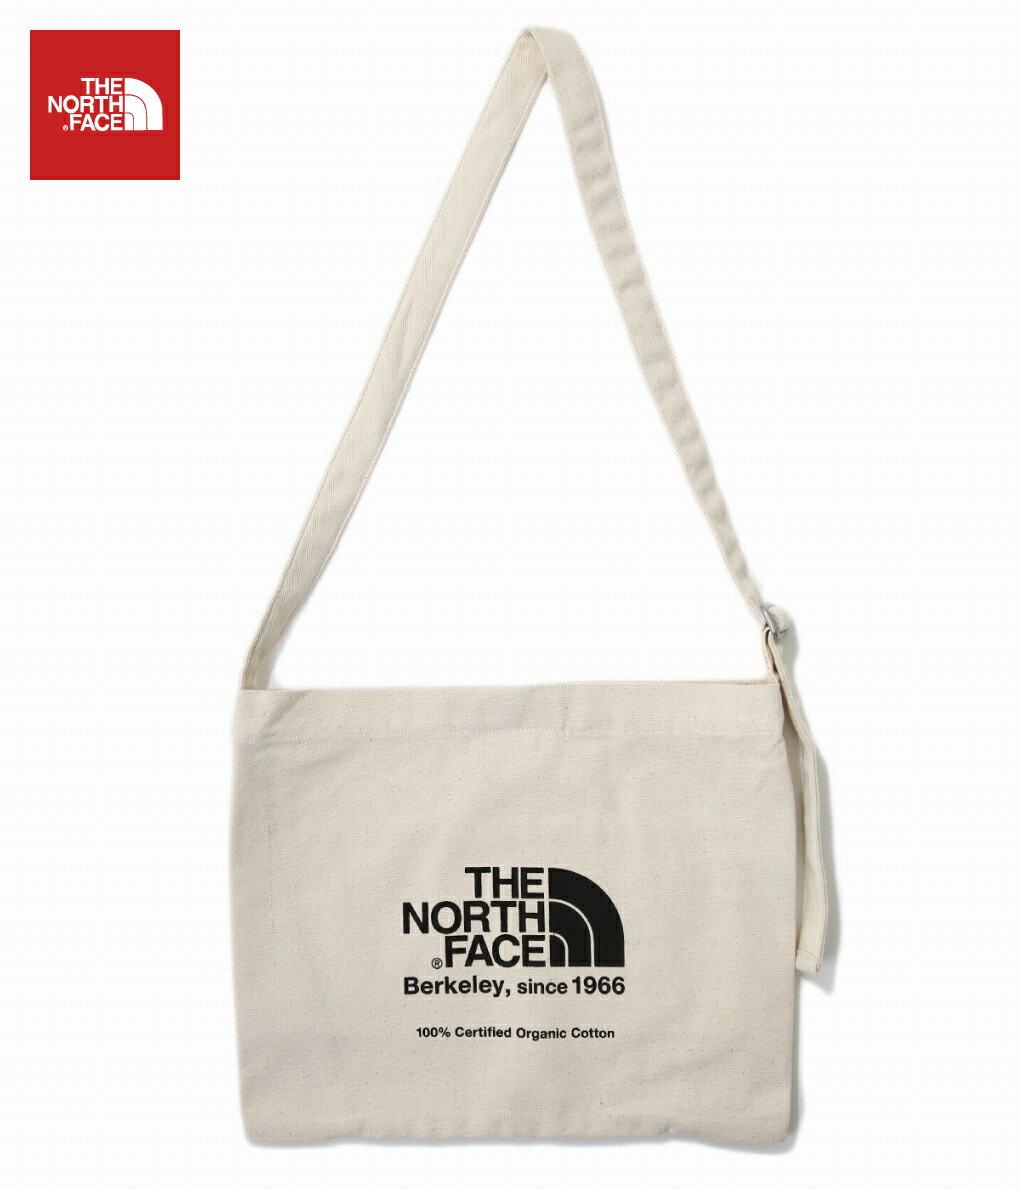 終了間際!【期間限定送料無料!】THE NORTH FACE / ノースフェイス ザ・ノースフェイス : Musette Bag -ブラック- : ミュゼット バッグ サコッシュ 19SS 19春夏 メンズ レディース : NM81765【WAX】